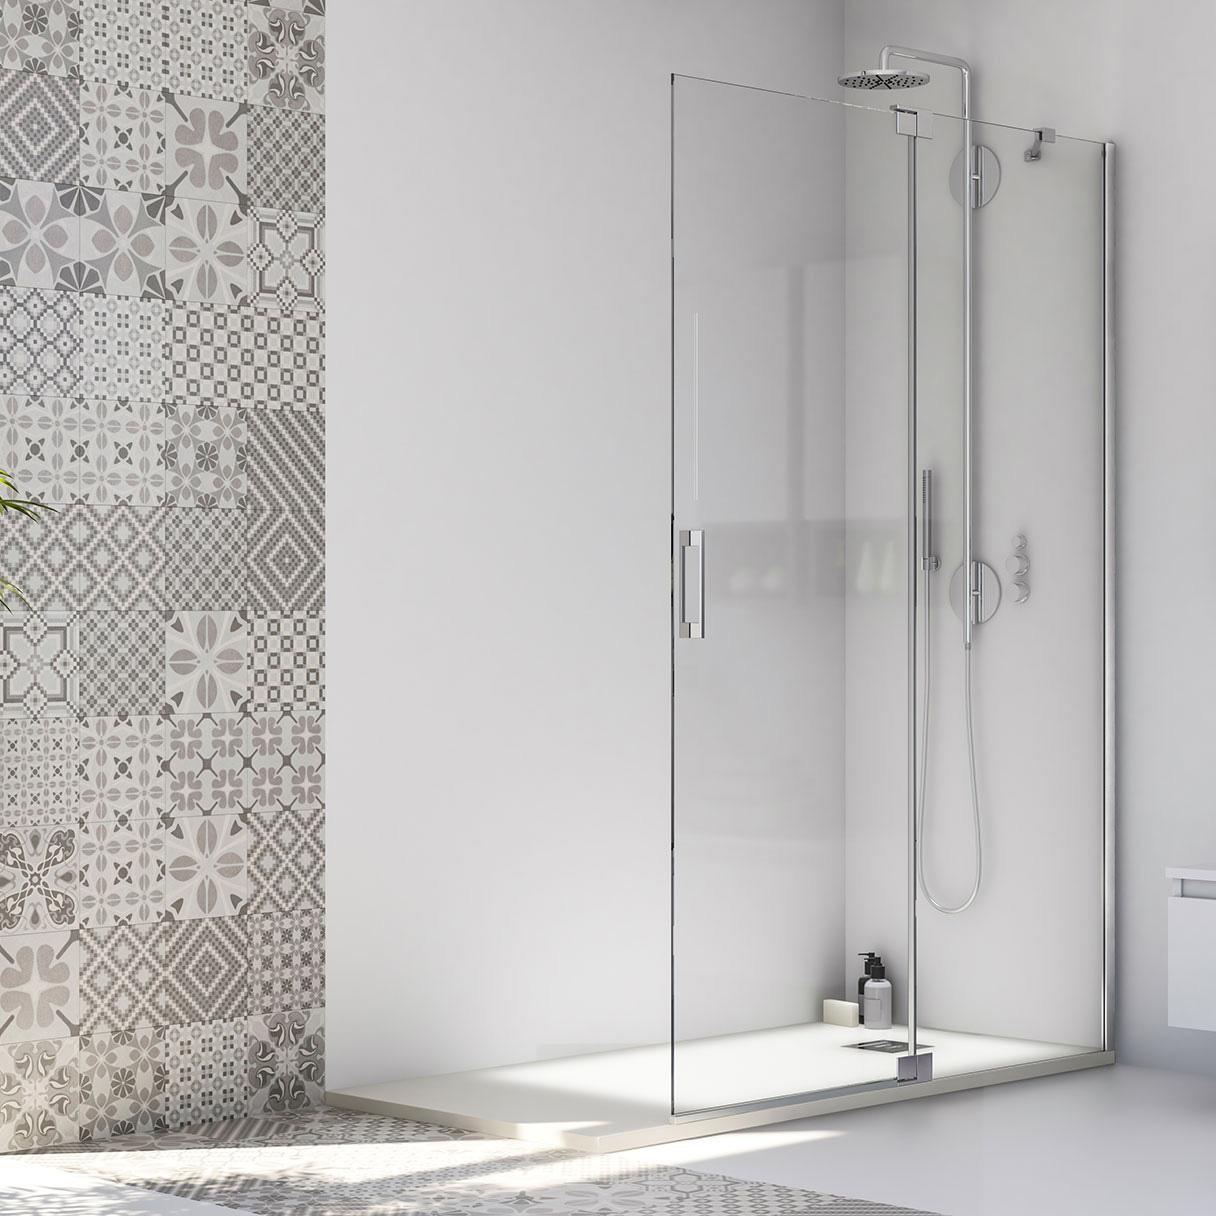 Walk-in B05 Parete fissa su misura per doccia